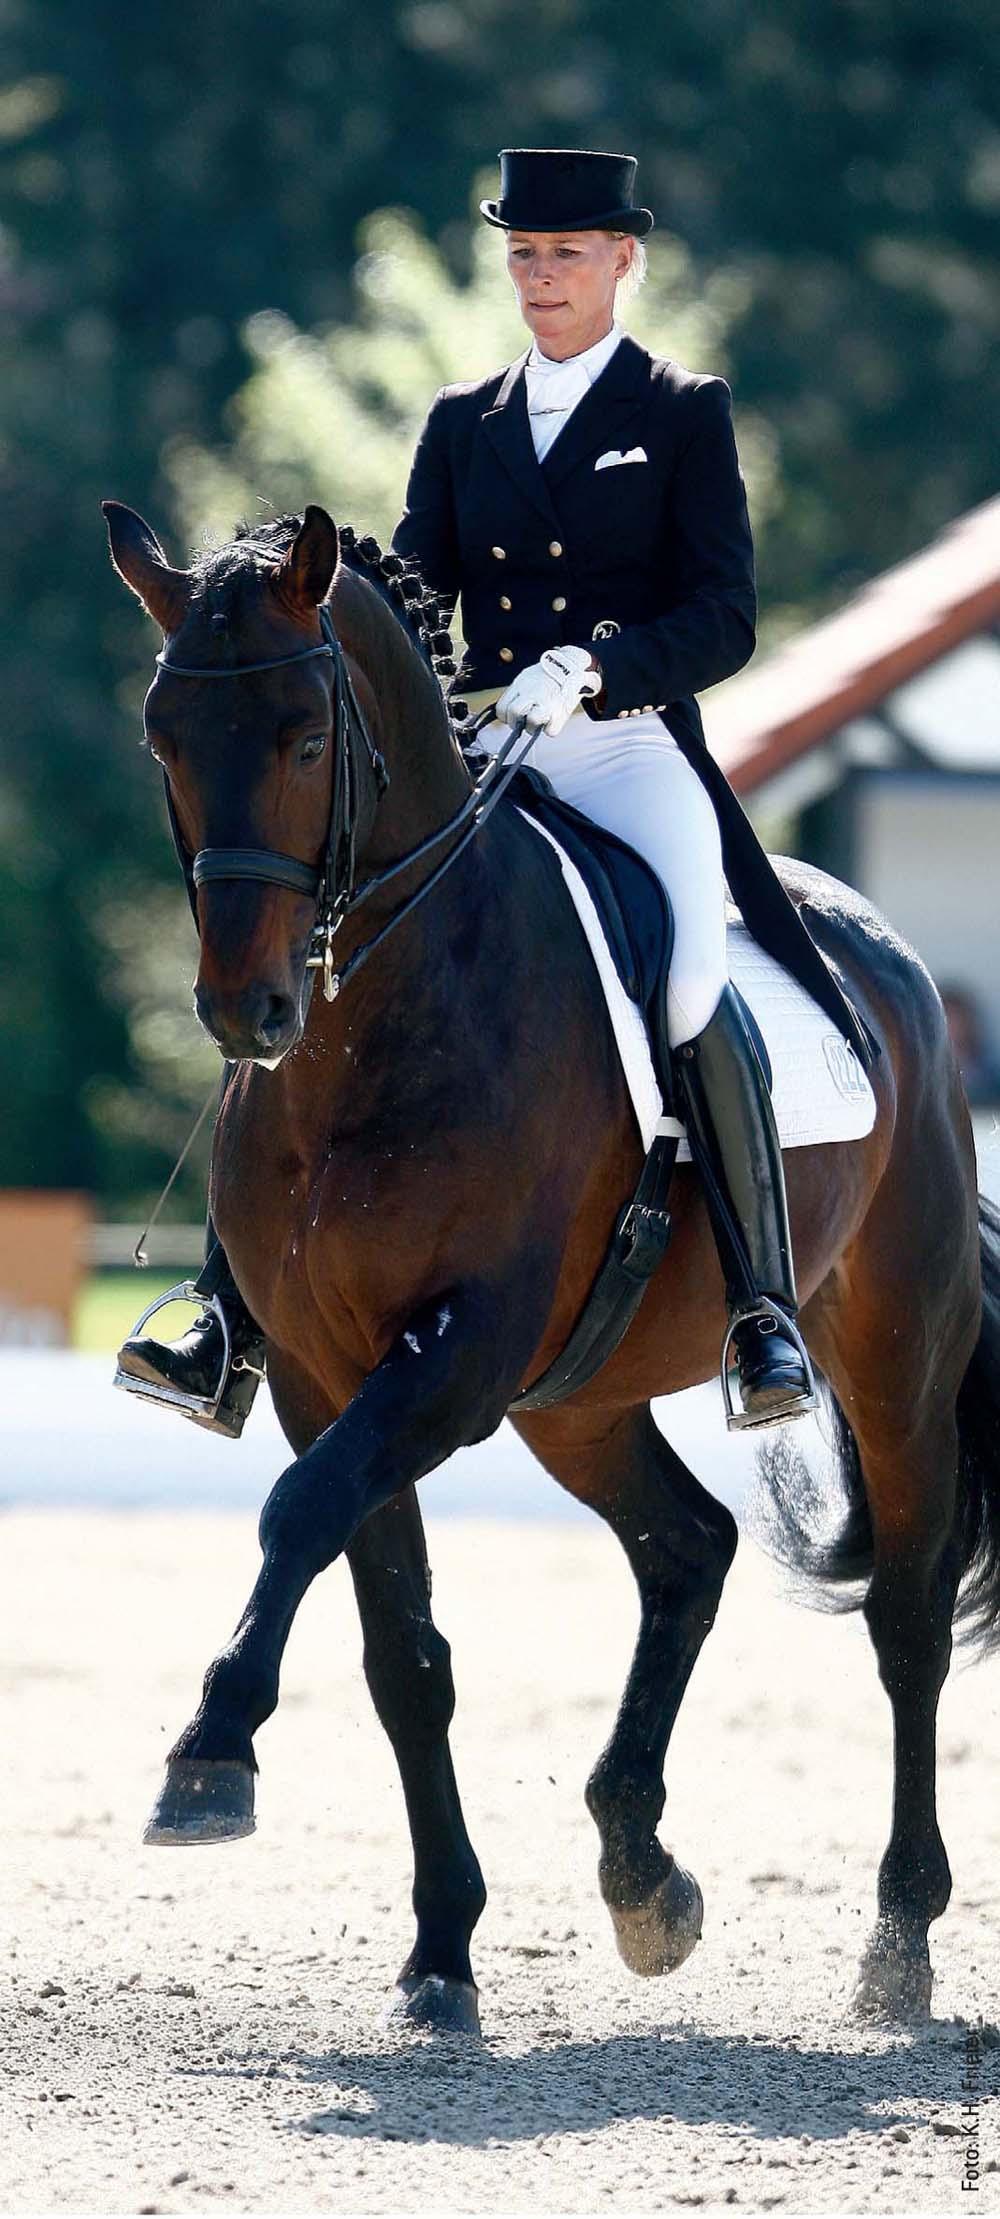 Dressurreiter, auf unserem Foto Brigitte Wittig, setzen die Kandare zur Verfeinerung der Hilfengebung ein, wodurch die Kommunikation mit dem Pferd sensibler wird.